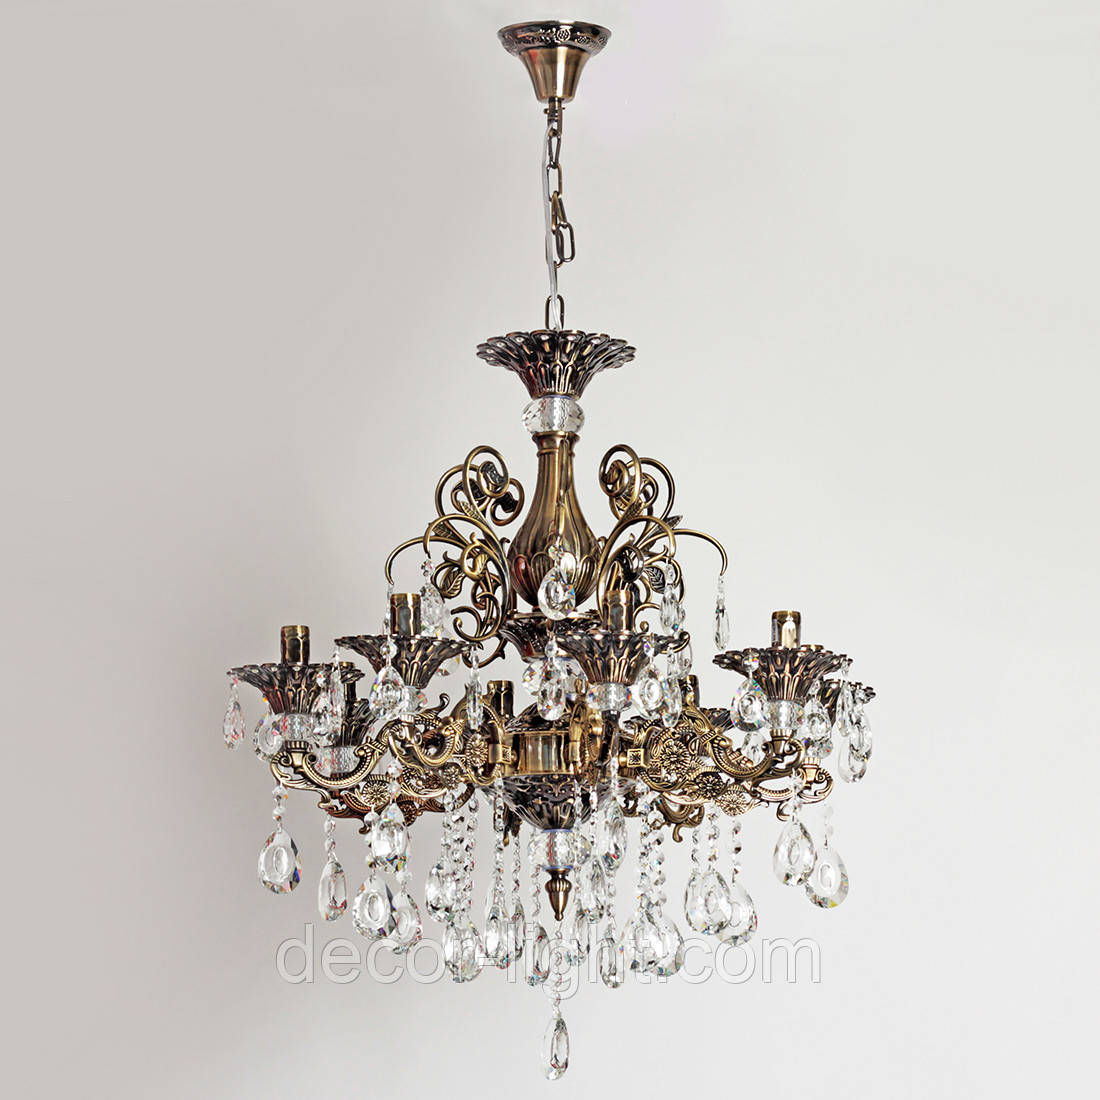 Люстра хрустальная бронзовая со свечами для зала, большой комнаты, 8-ми ламповая